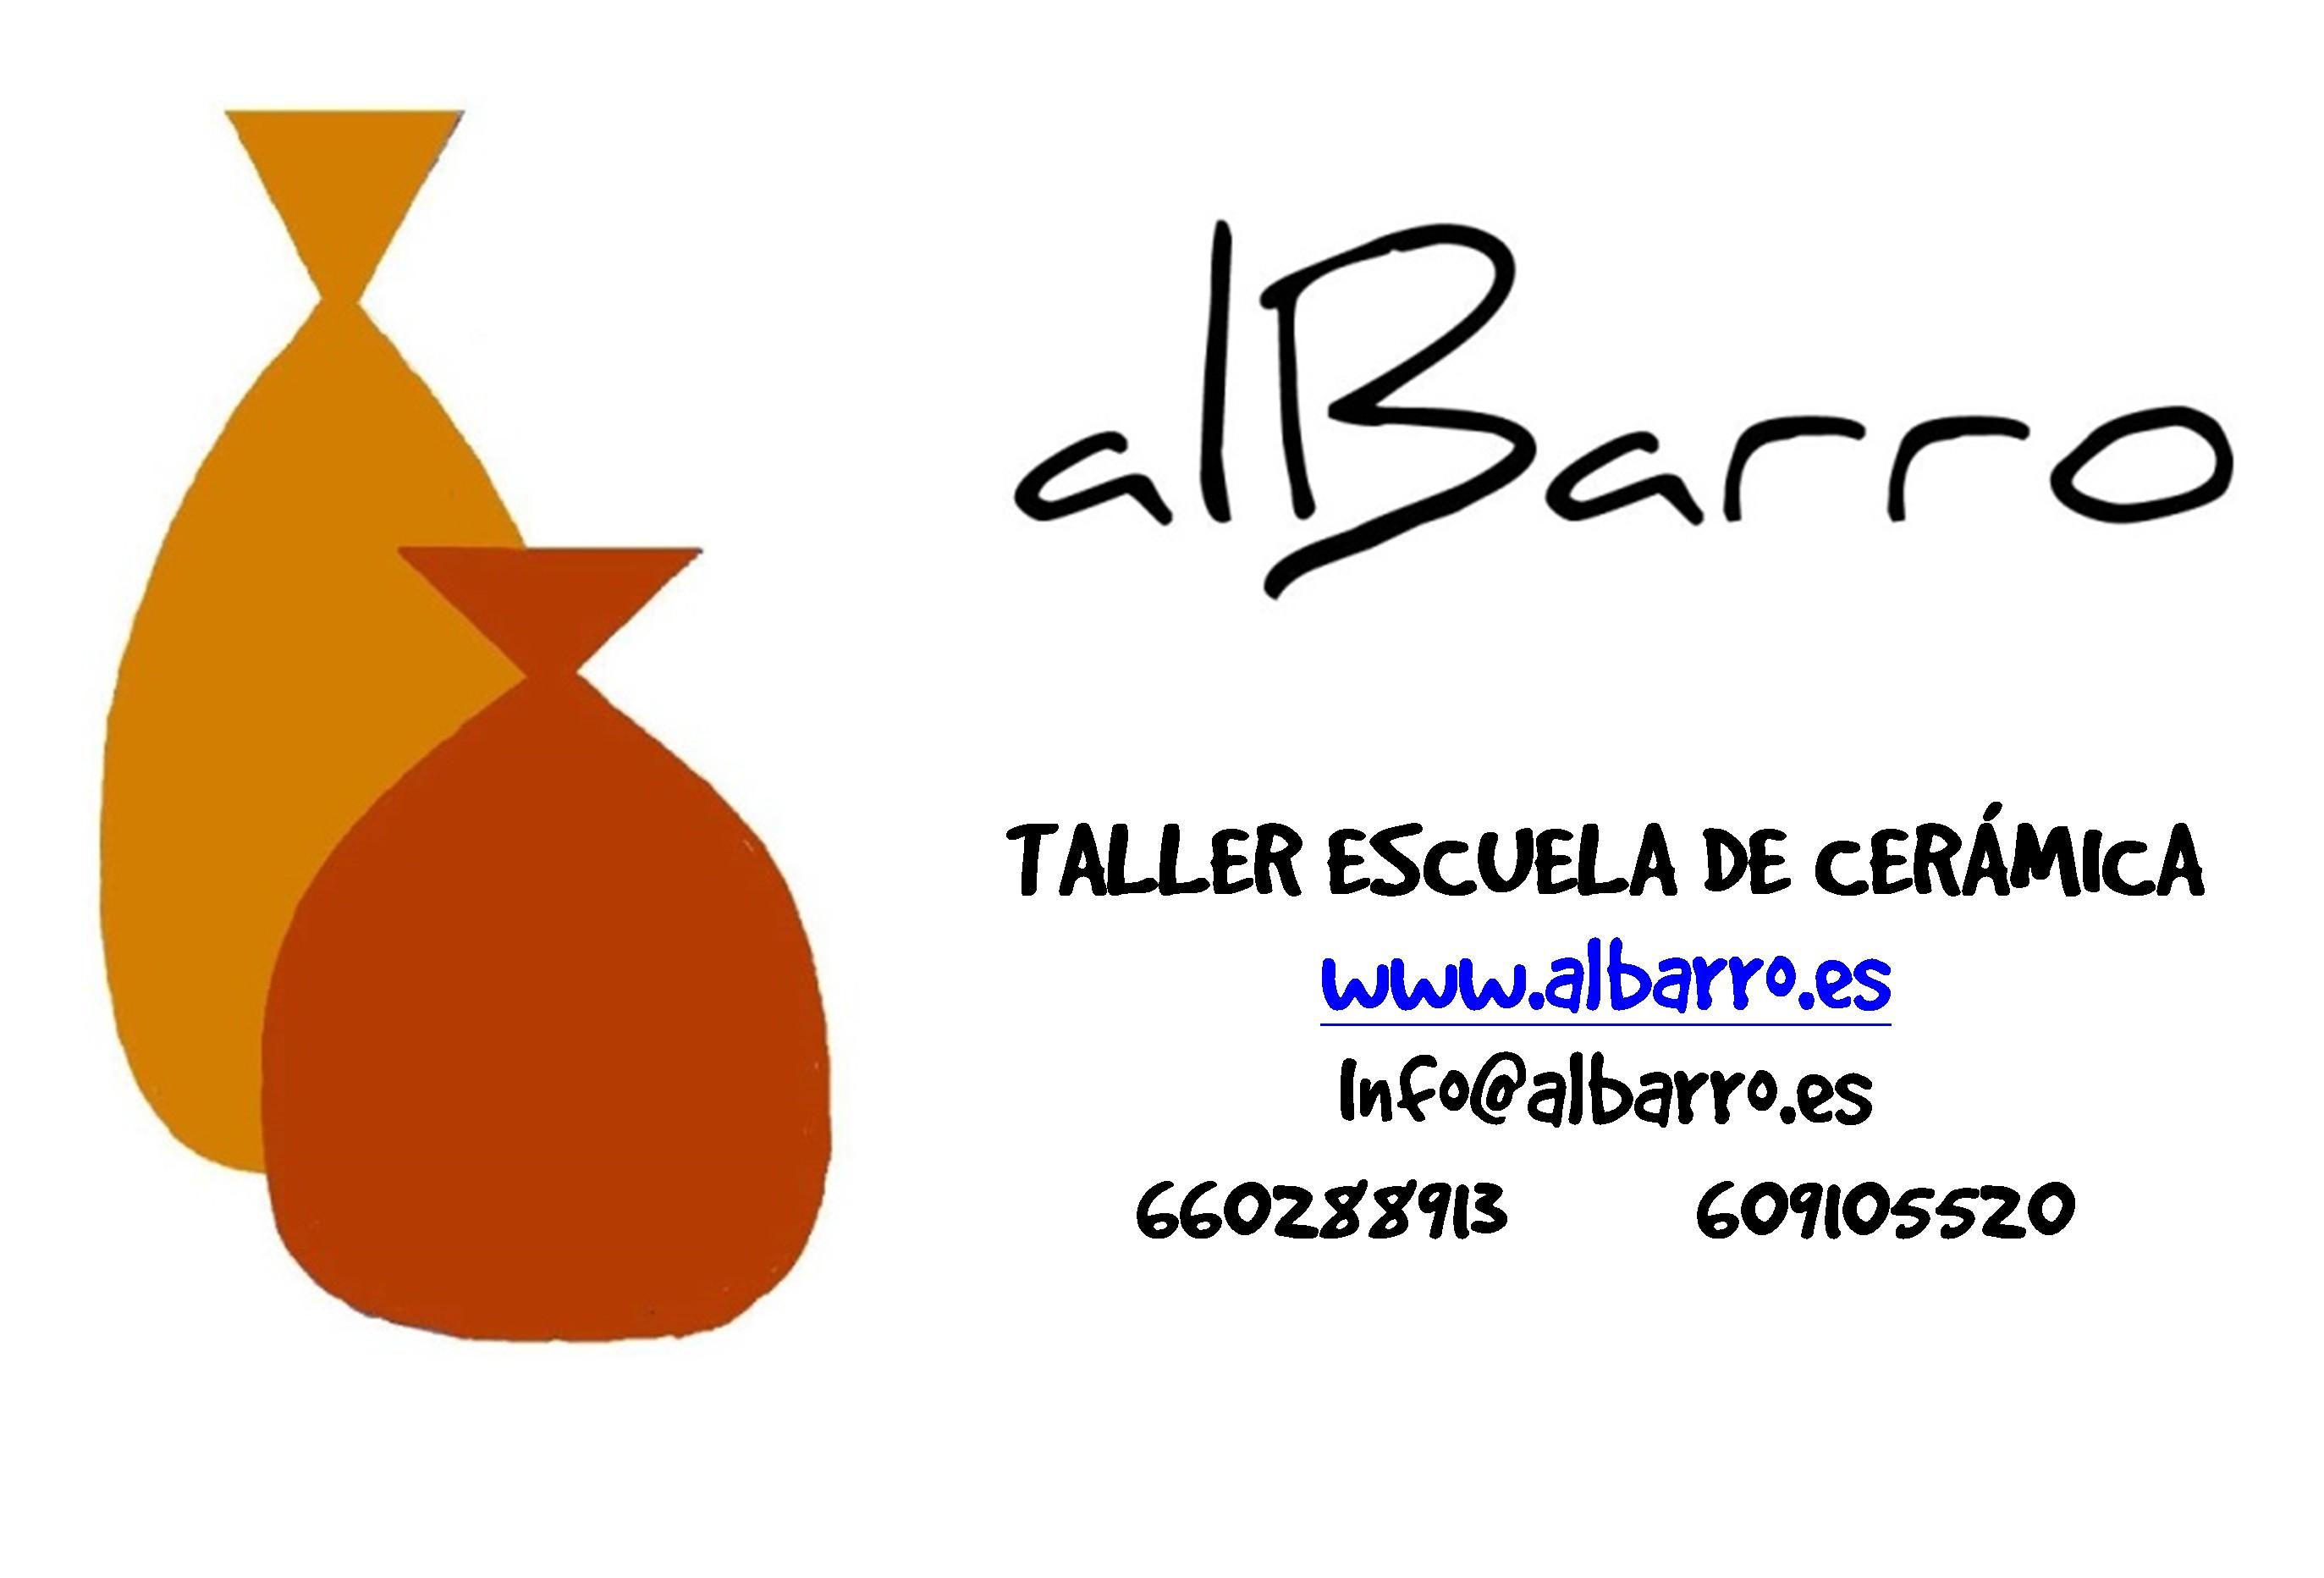 albarro.es